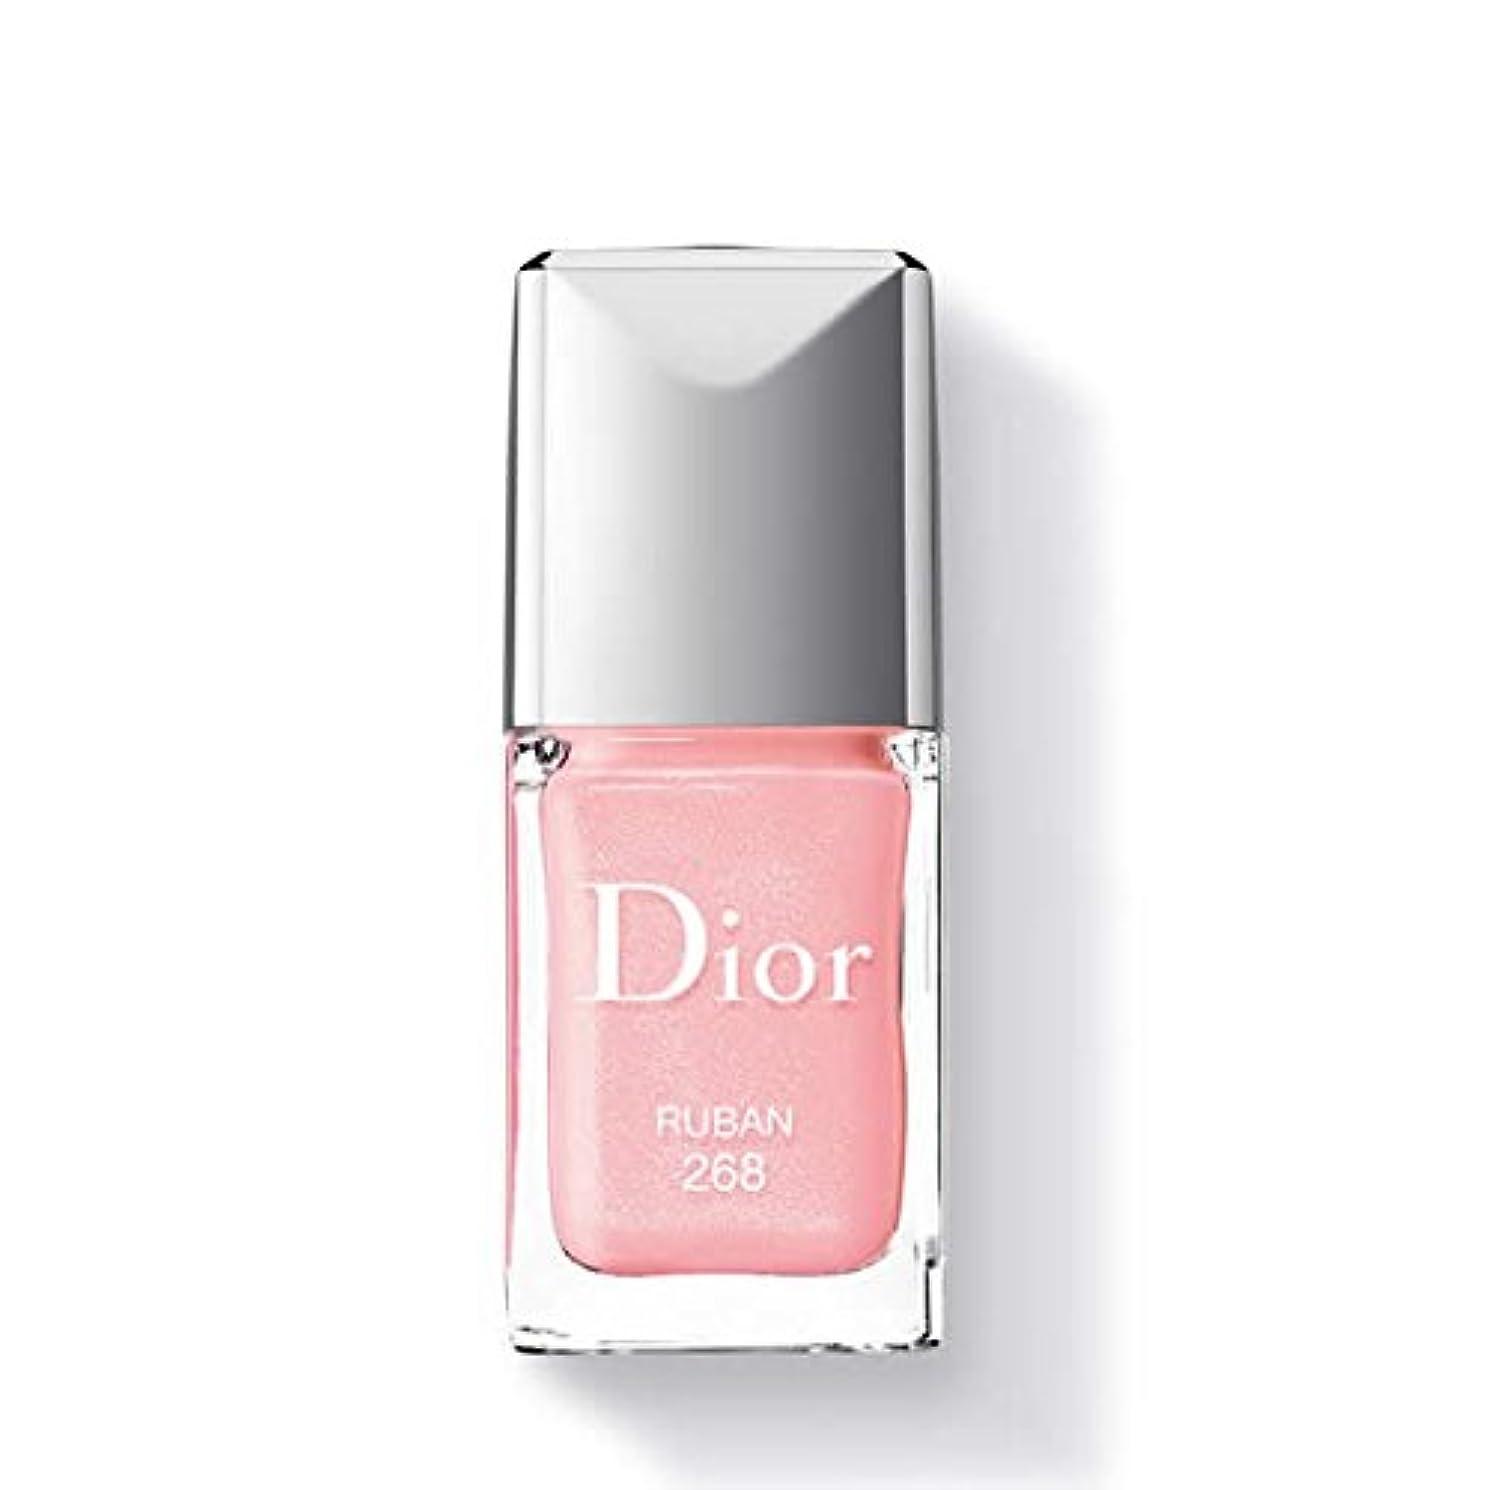 流用する取り囲む実現可能Dior ディオールヴェルニ #268 リュバン 10ml [208215] [並行輸入品]